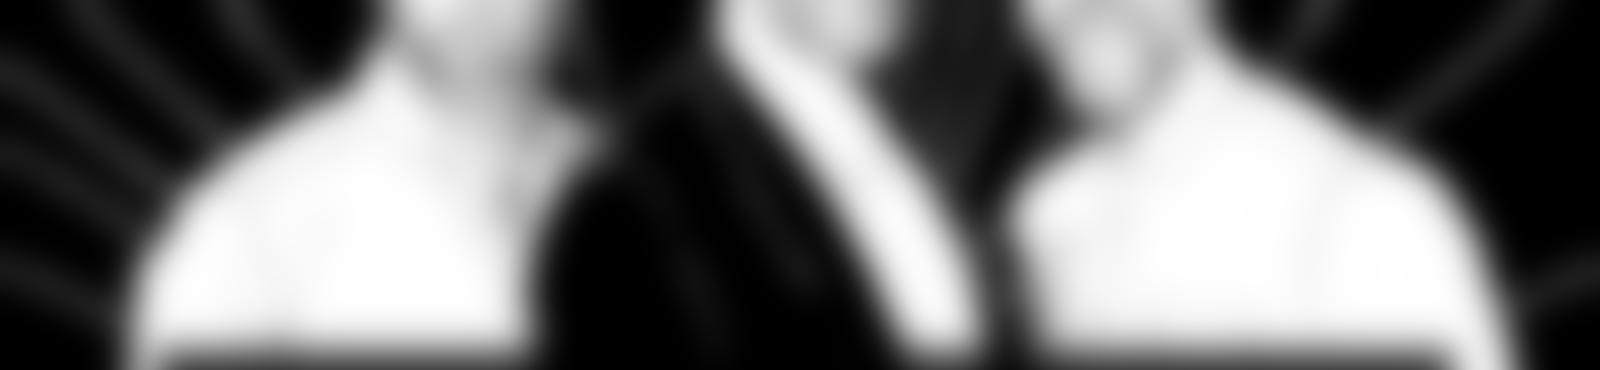 Blurred c48136de 4f98 4649 829d d39ebd6a15d4